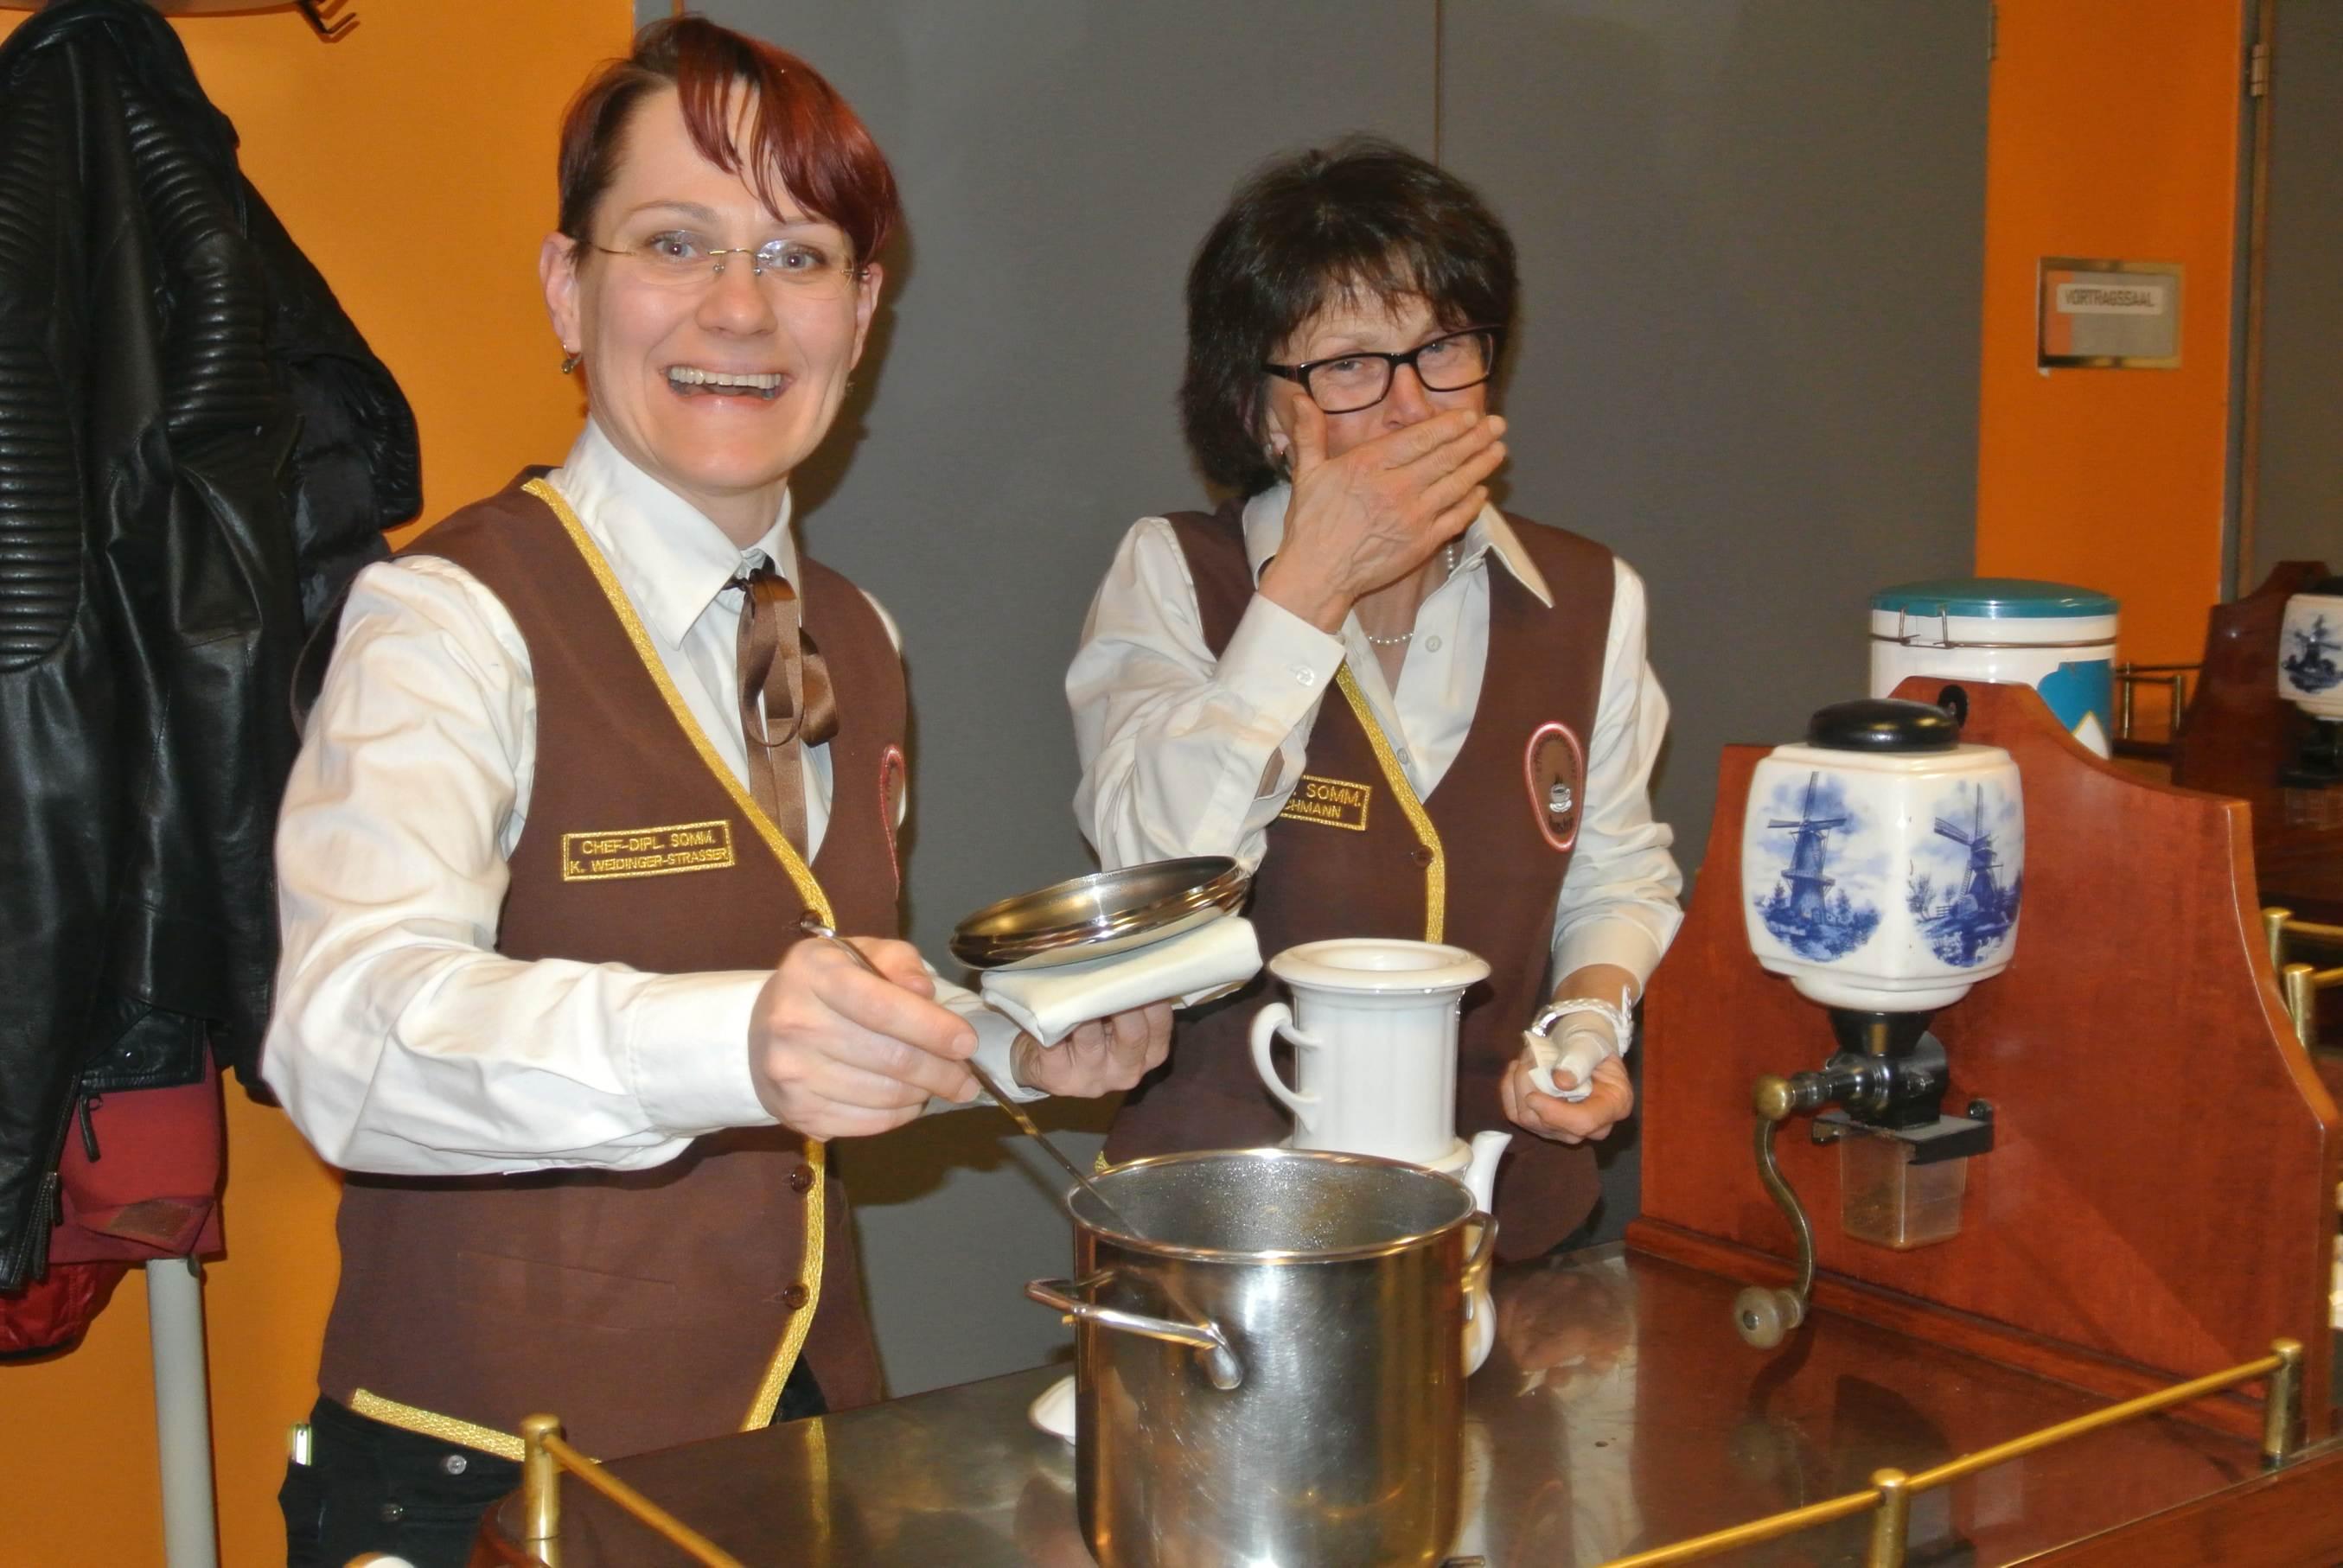 Chef-Diplom-Kaffee-Sommeliére bereiteten Kaffee in der Karlsbader Kanne. (Fr.Weidinger-Strasser und Fr. FSOL Ing.Detschmann)